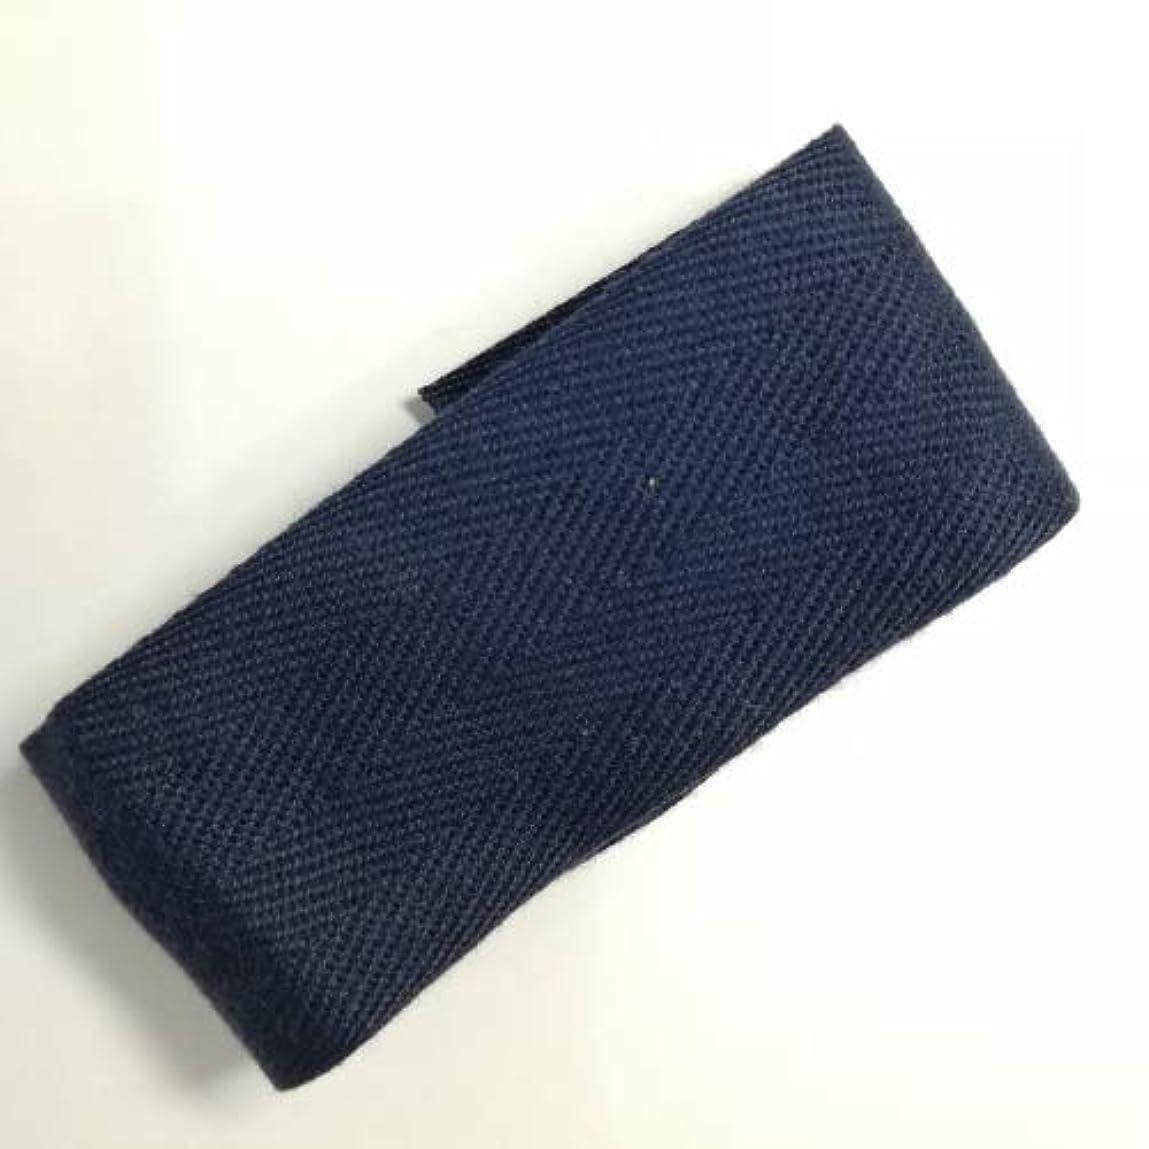 水星ブリッジ田舎者綿 綾テープ薄手 0.5mm厚 約38mm巾 10.紺 3m(6250-38mm) 縁取りテープ 綿テープ 手芸用品 手芸 ハンドメイド 裁縫 素材 材料